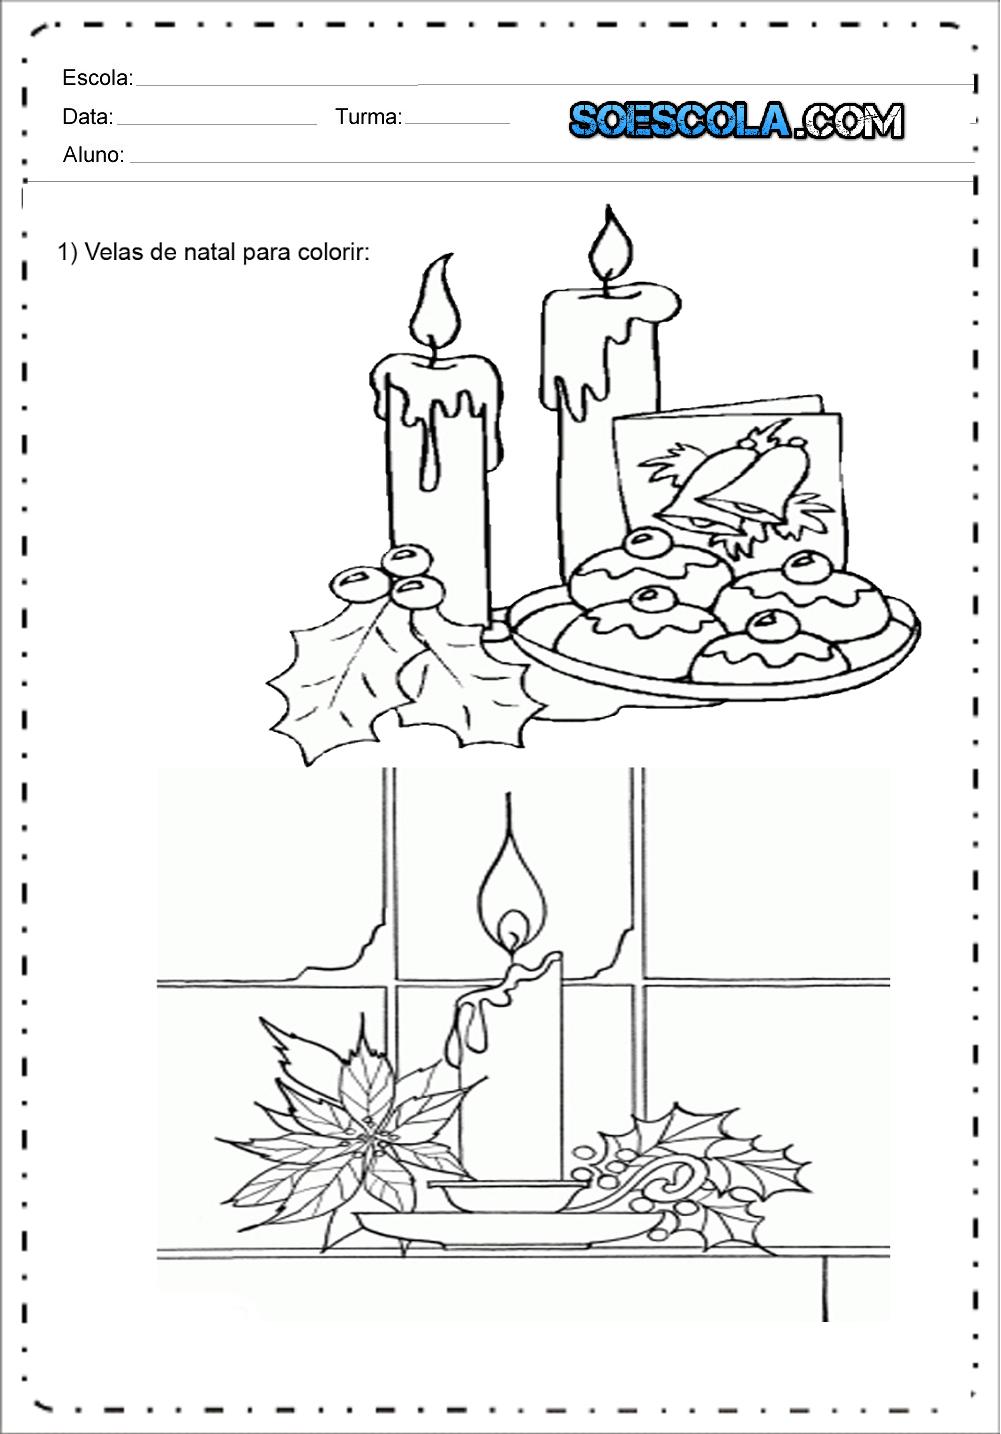 Desenhos de Velas de Natal para colorir e imprimir - Desenhos Natalinos